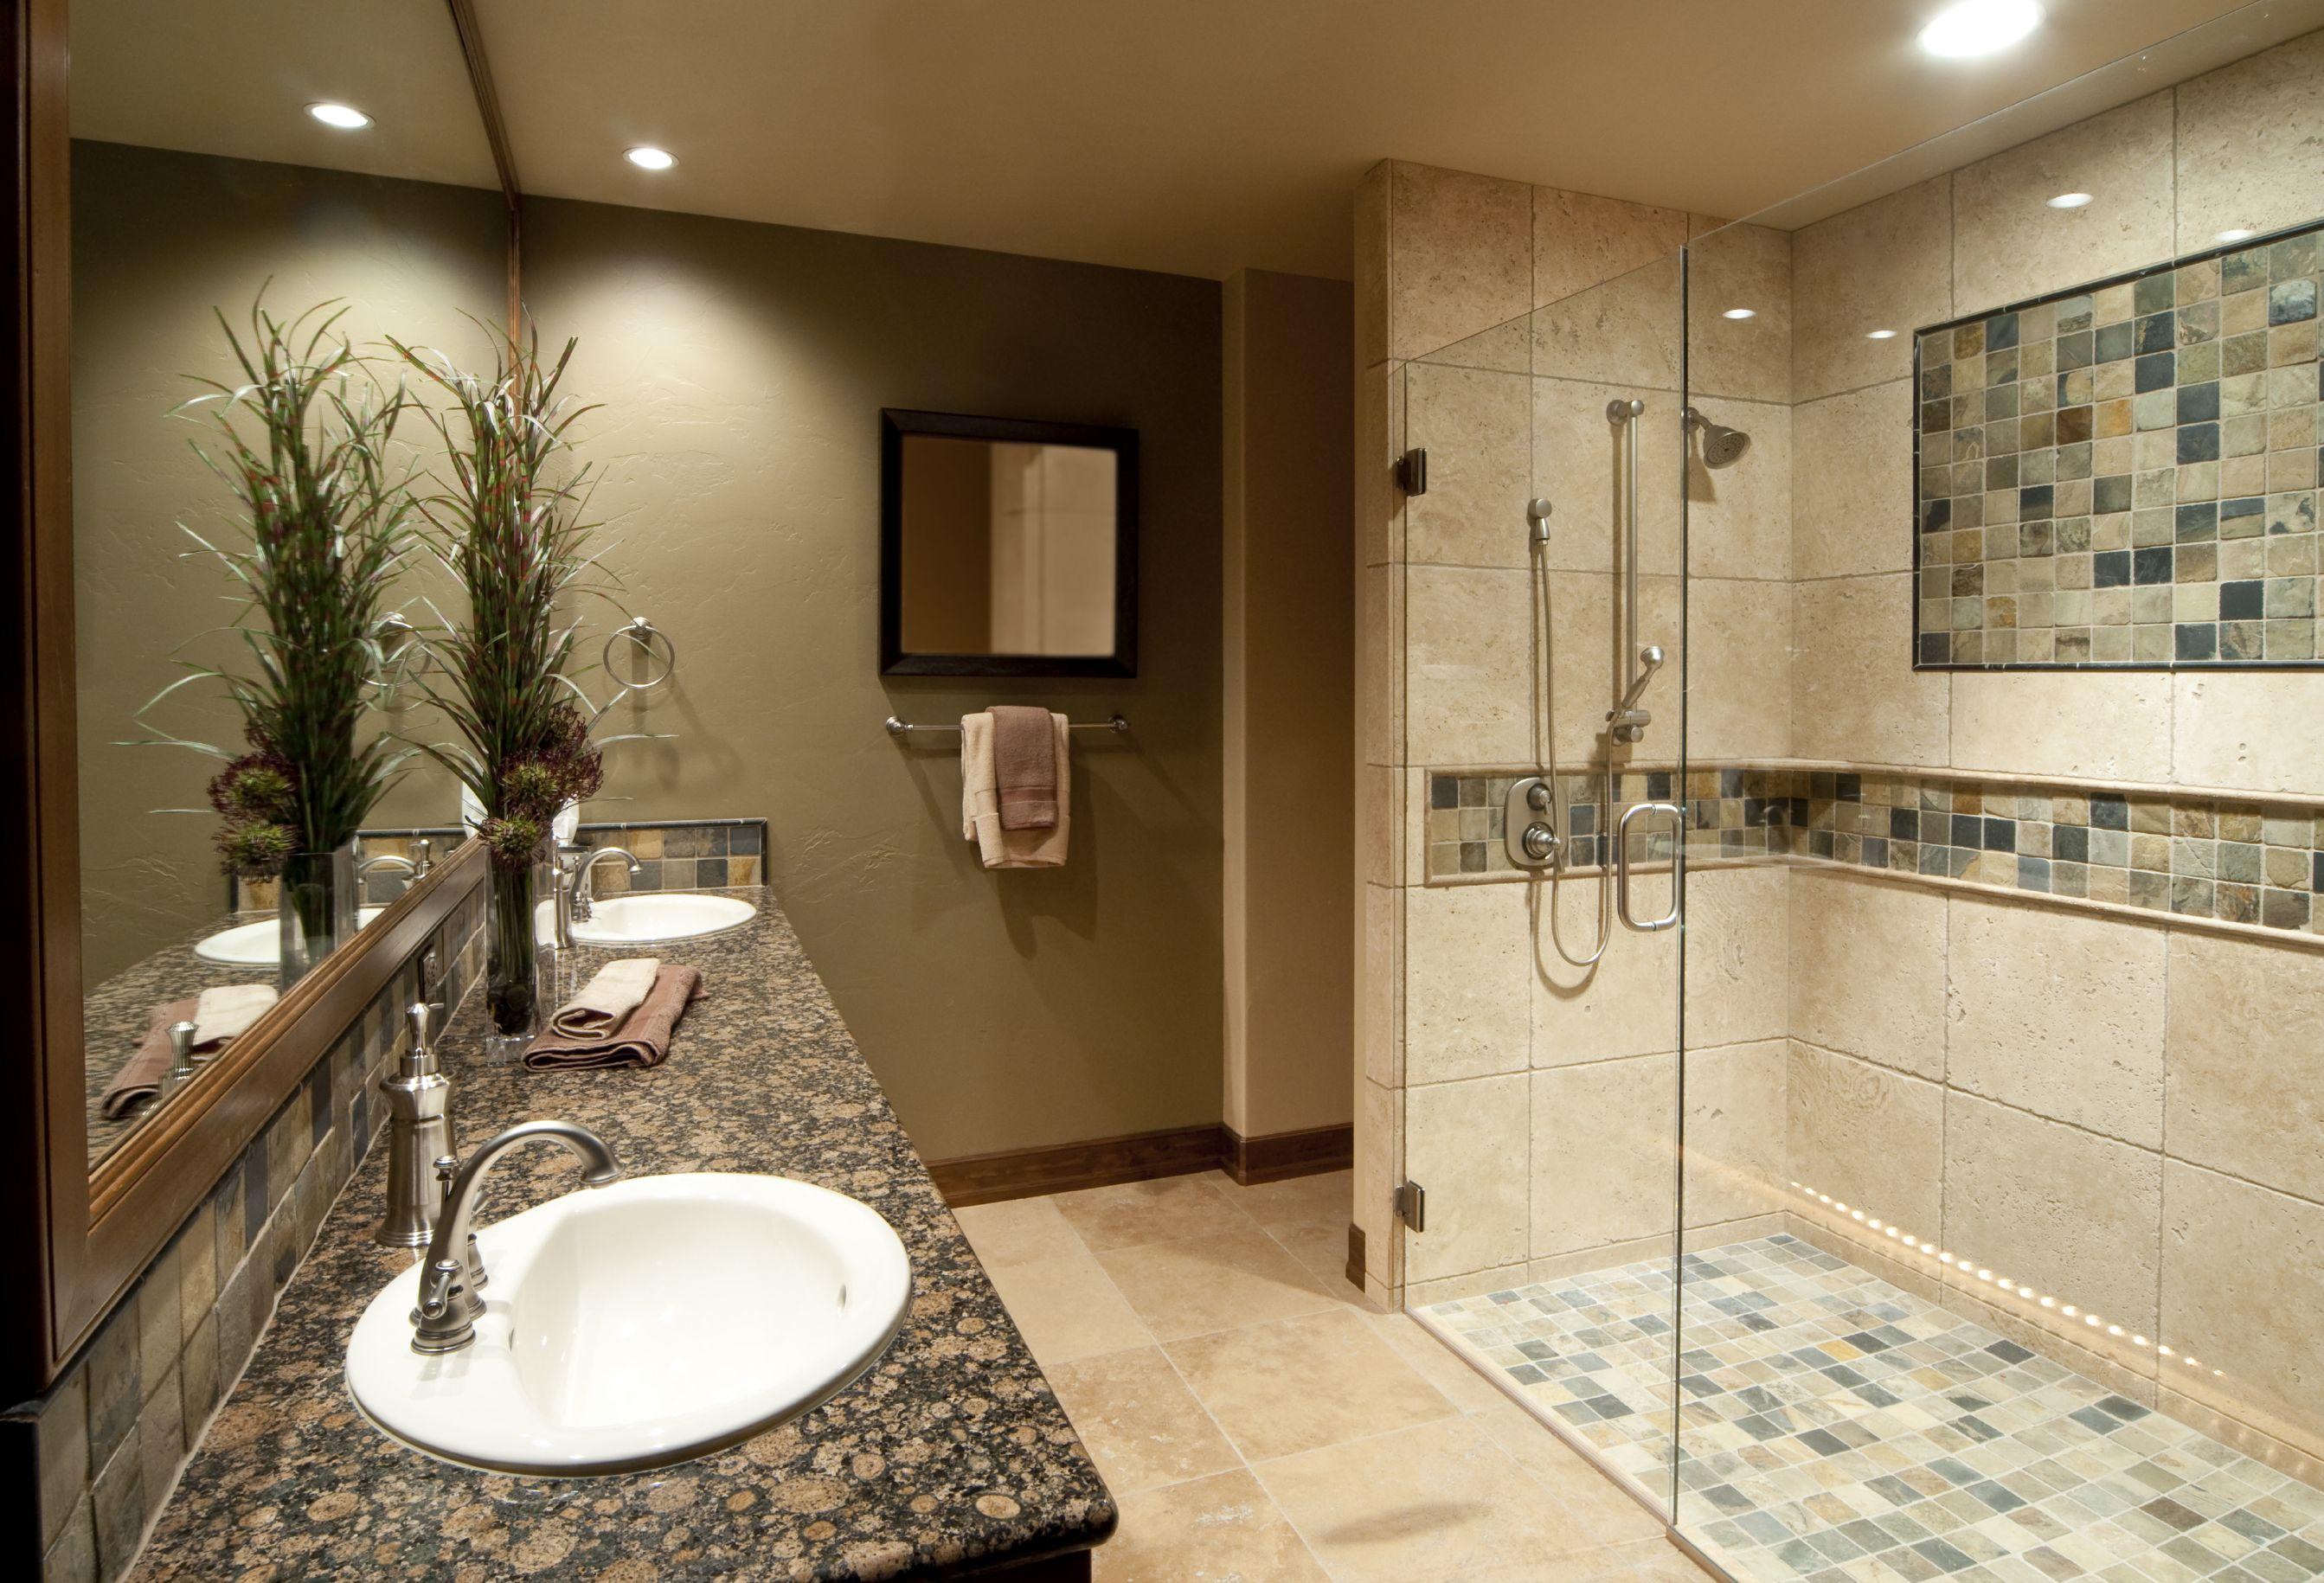 Badezimmer design rustikal  ungewöhnliche rustikale kleine bad design bild  mehr auf unserer